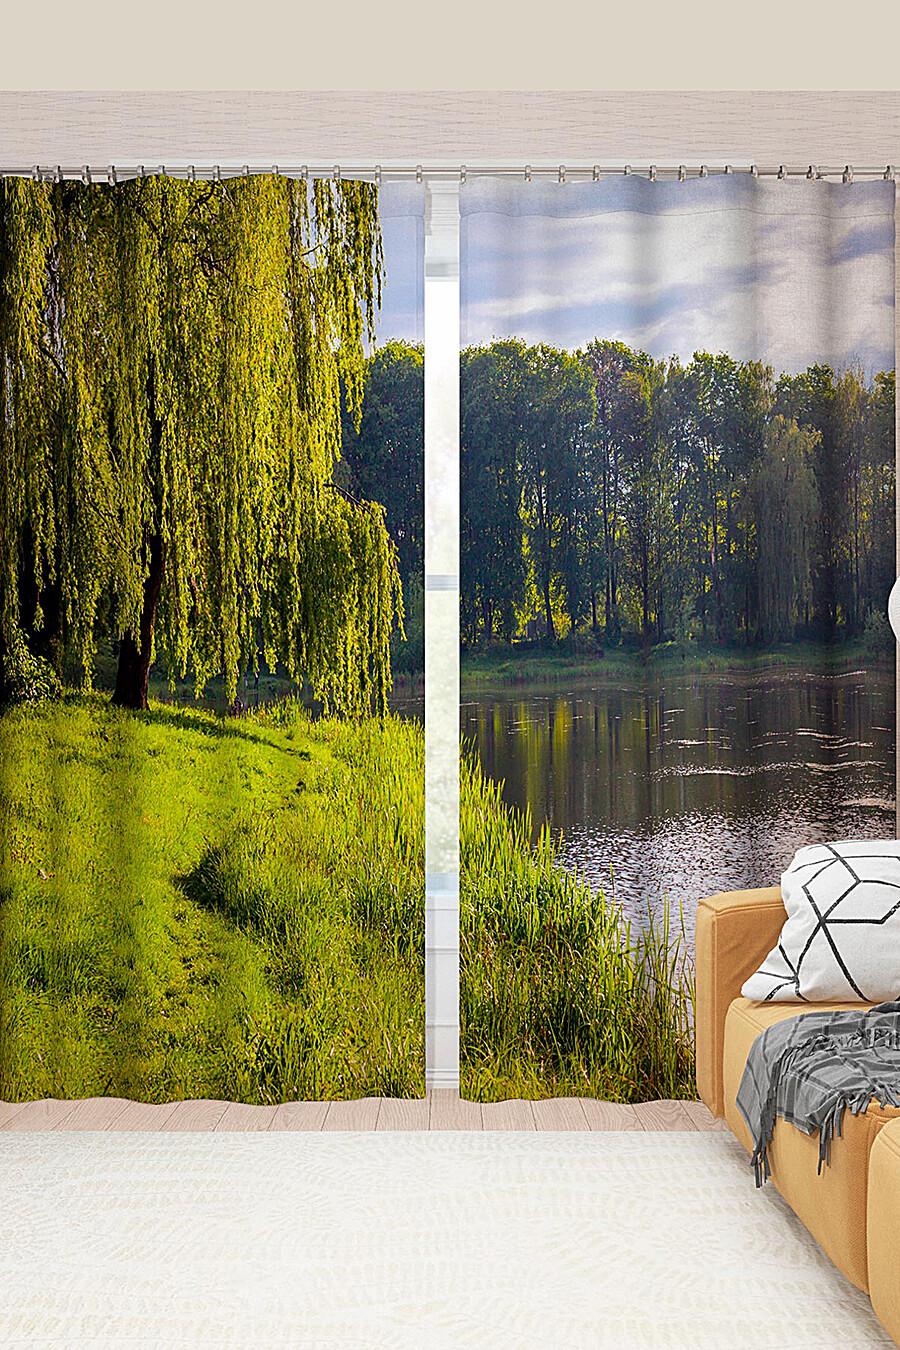 Фотошторы для дома ART HOME TEXTILE 123485 купить оптом от производителя. Совместная покупка товаров для дома в OptMoyo